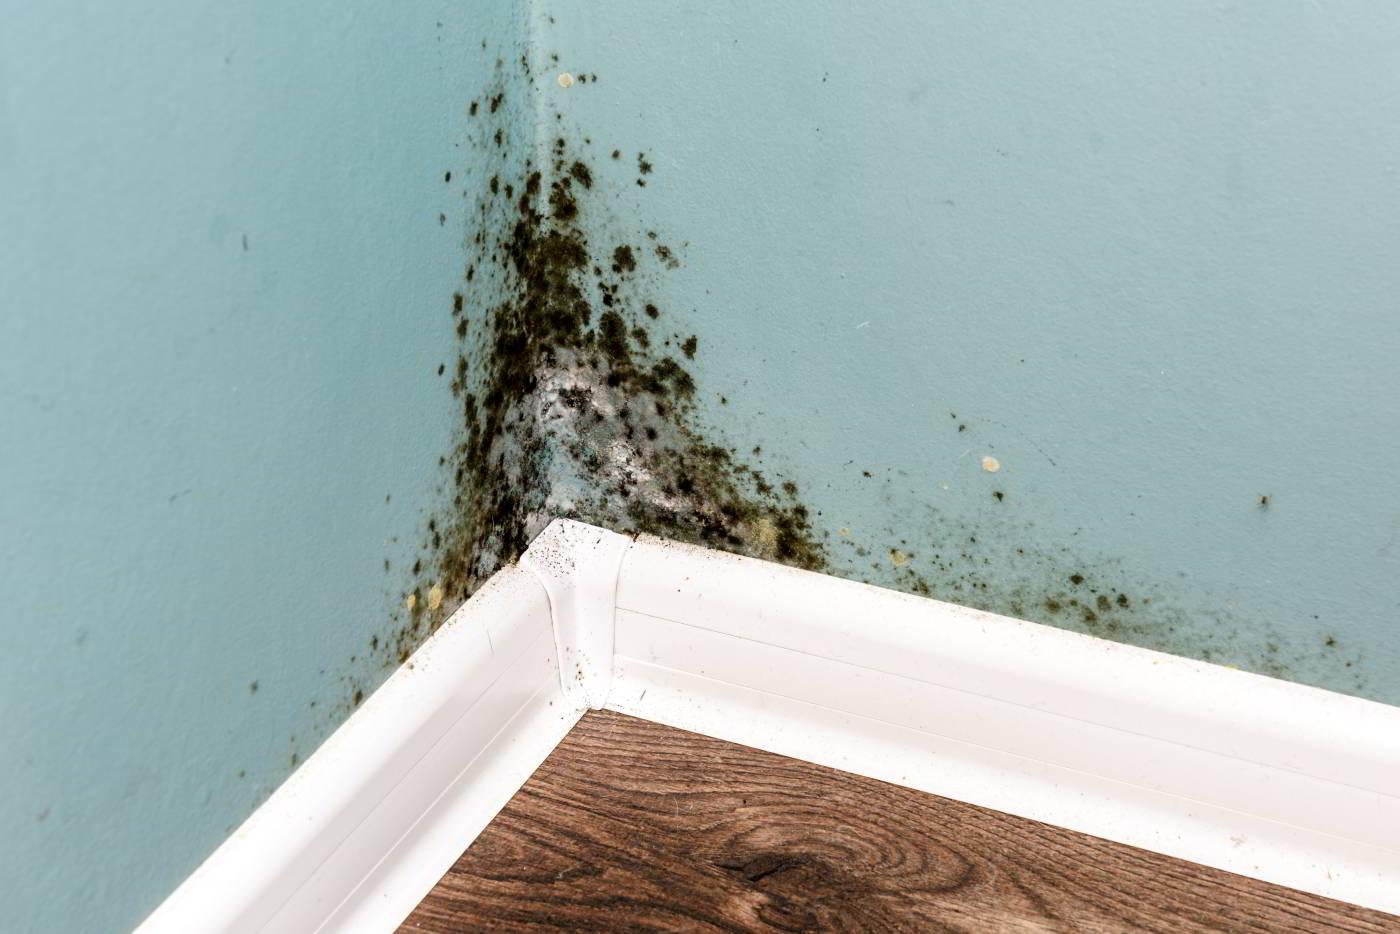 Eliminare la muffa dalle pareti con la Ventilazione Meccanica Controllata